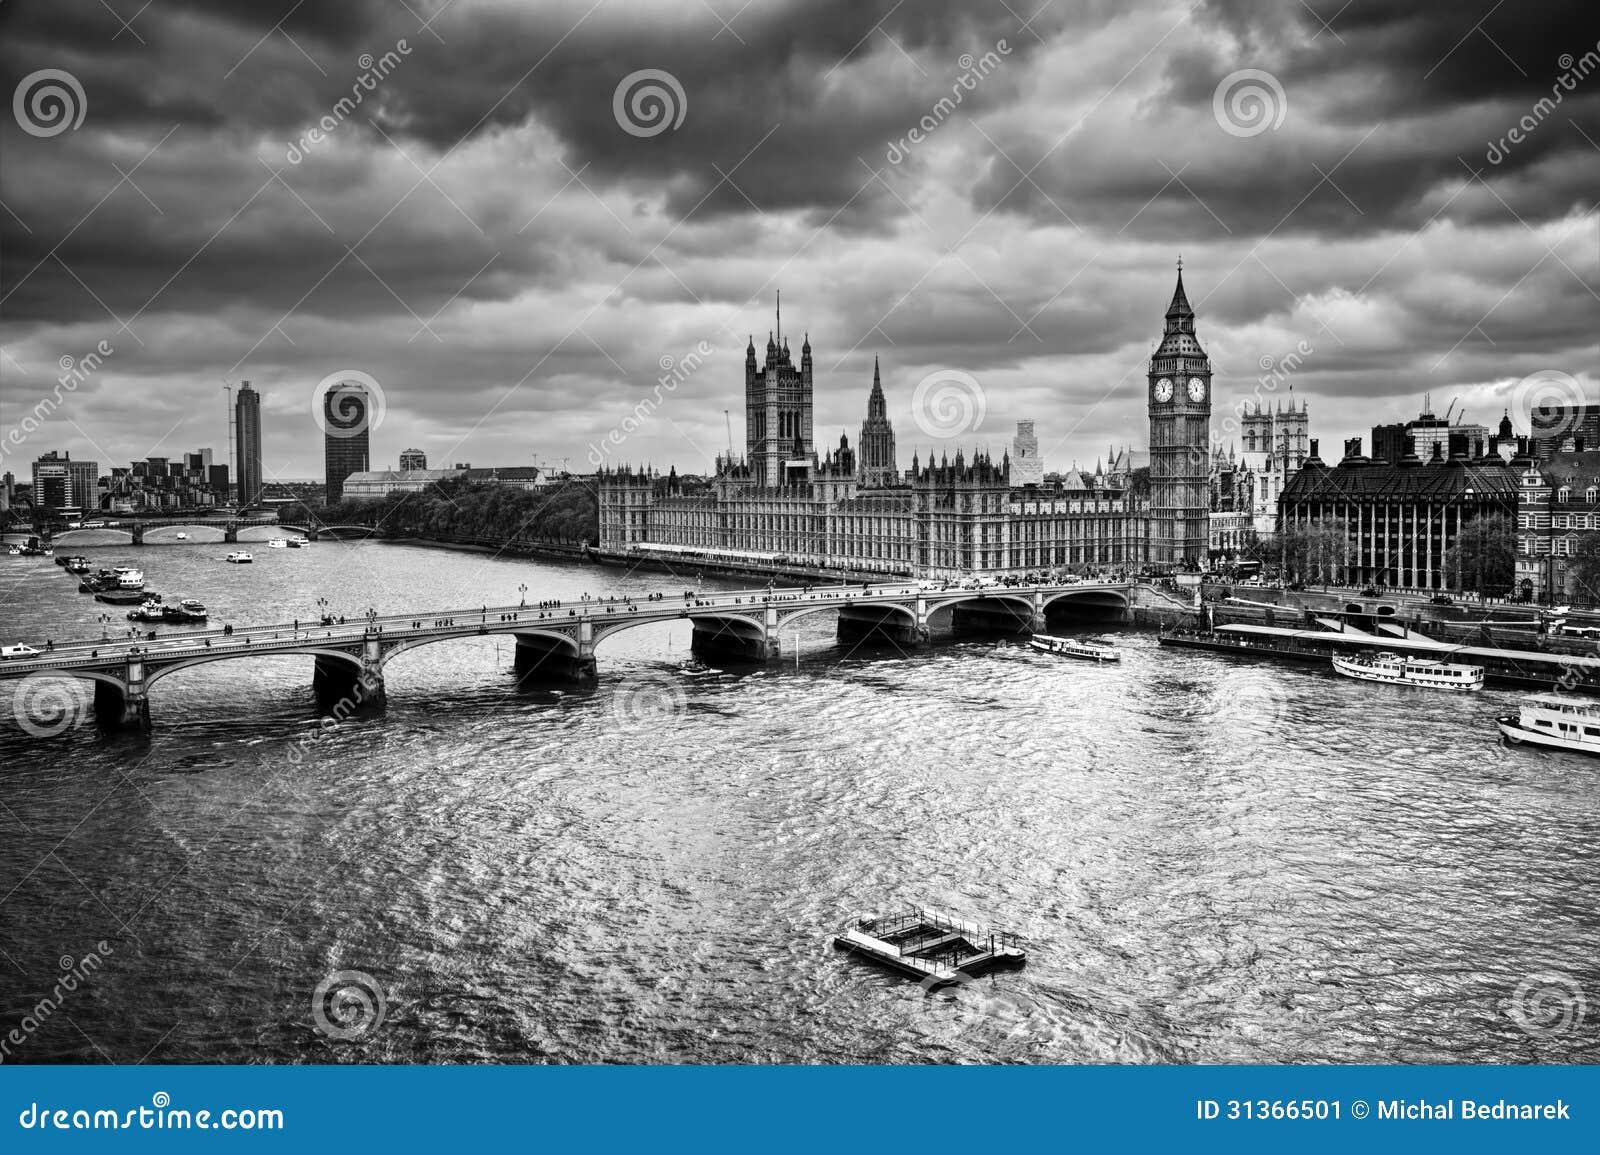 Londres, o Reino Unido. Big Ben, o palácio de Westminster em preto e branco